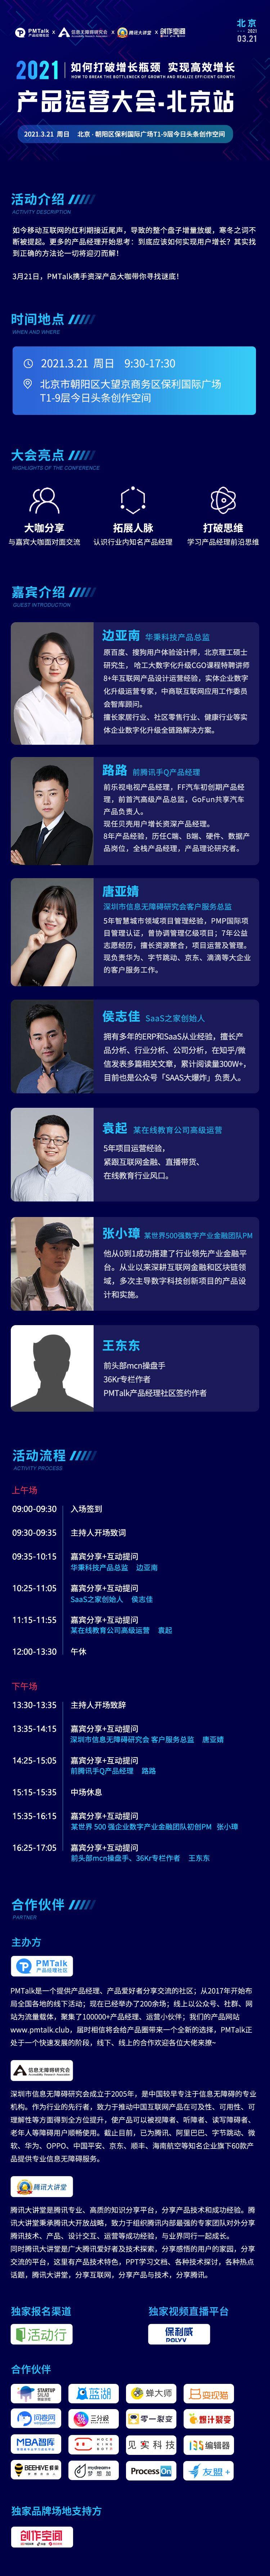 长图-北京-活动行.jpg